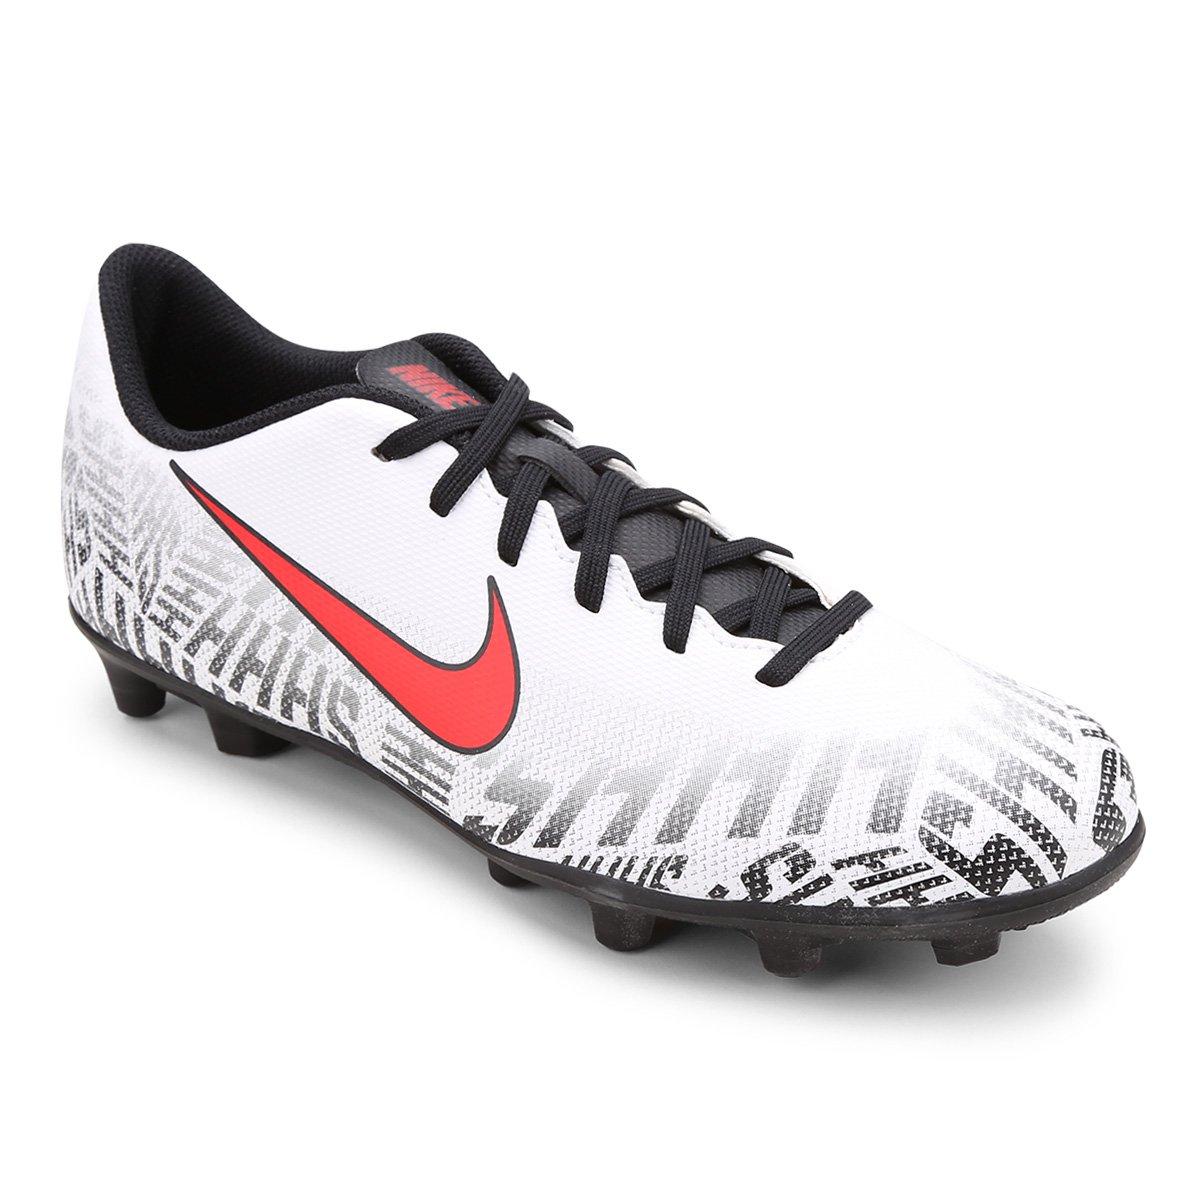 9fe24c3414c Chuteira Campo Nike Mercurial Vapor 12 Club Neymar Jr FG - Branco e  Vermelho - Compre Agora